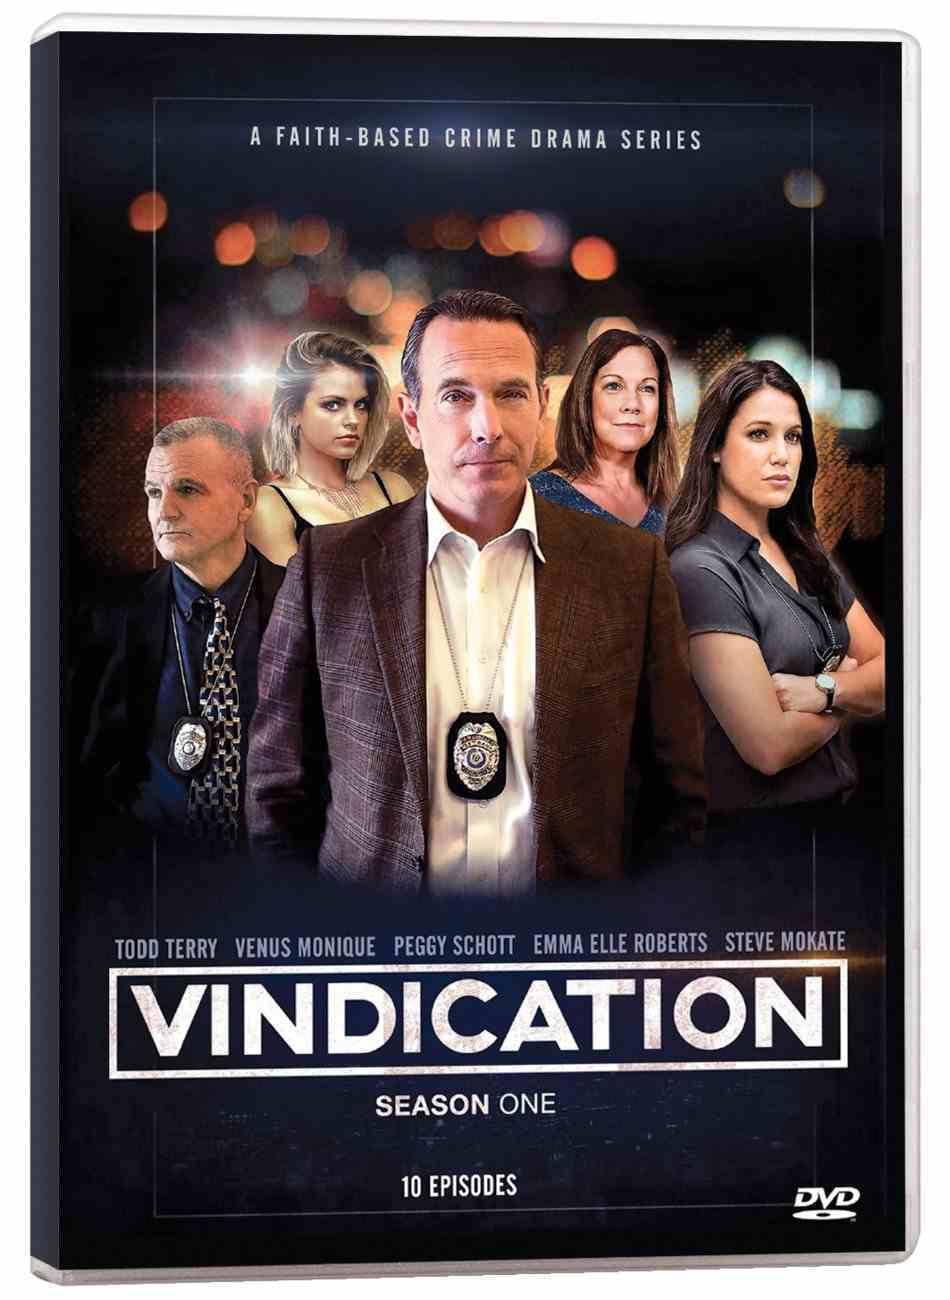 Vindication: Season One DVD